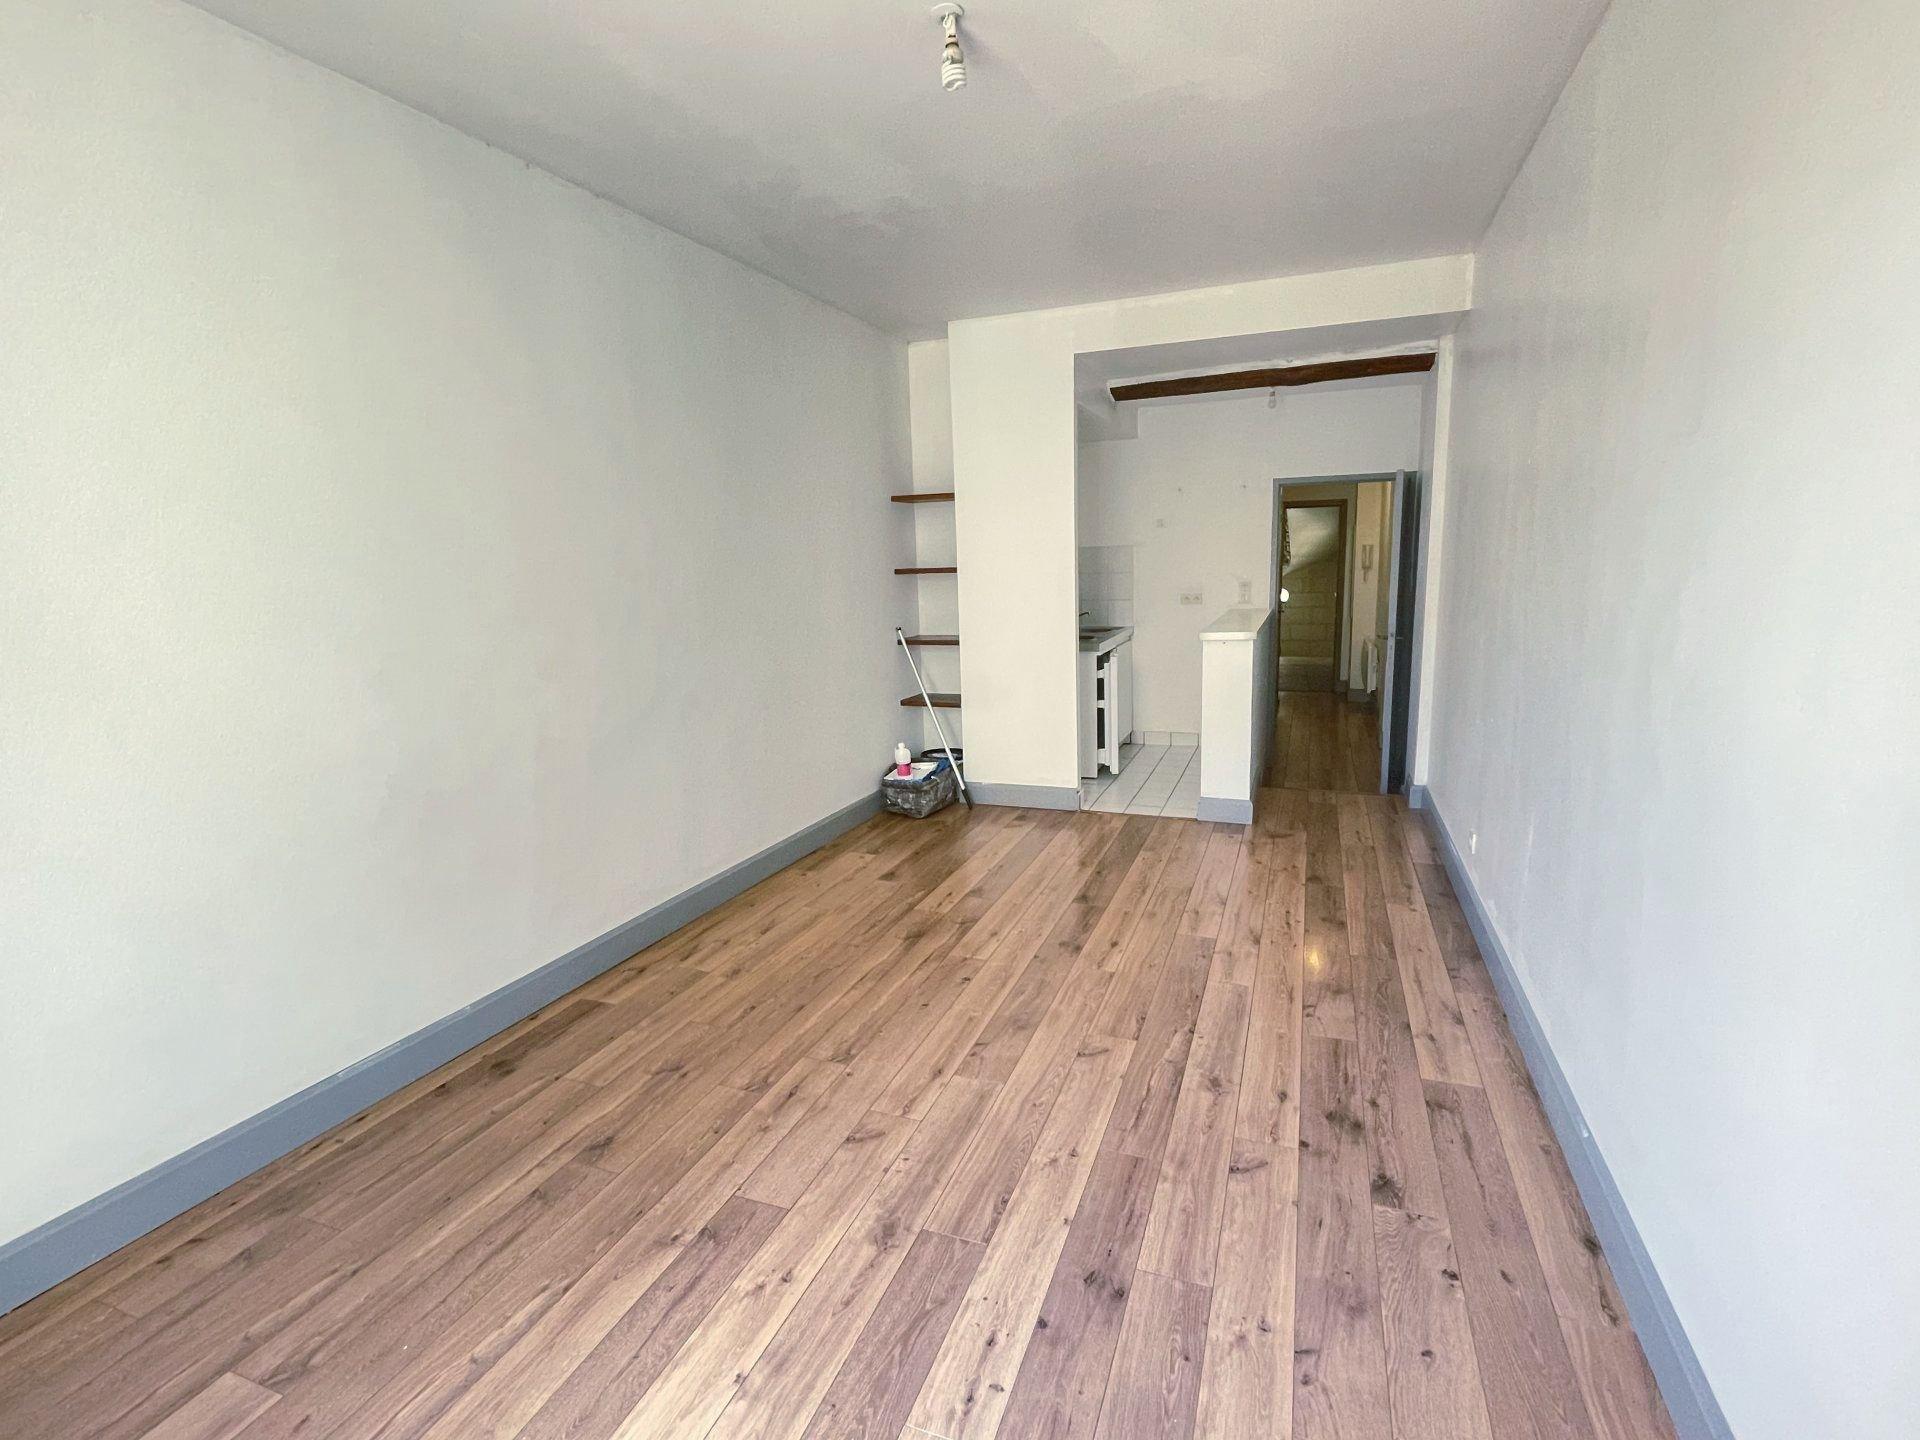 Location Appartement BEAUCAIRE surface habitable de 30 m²